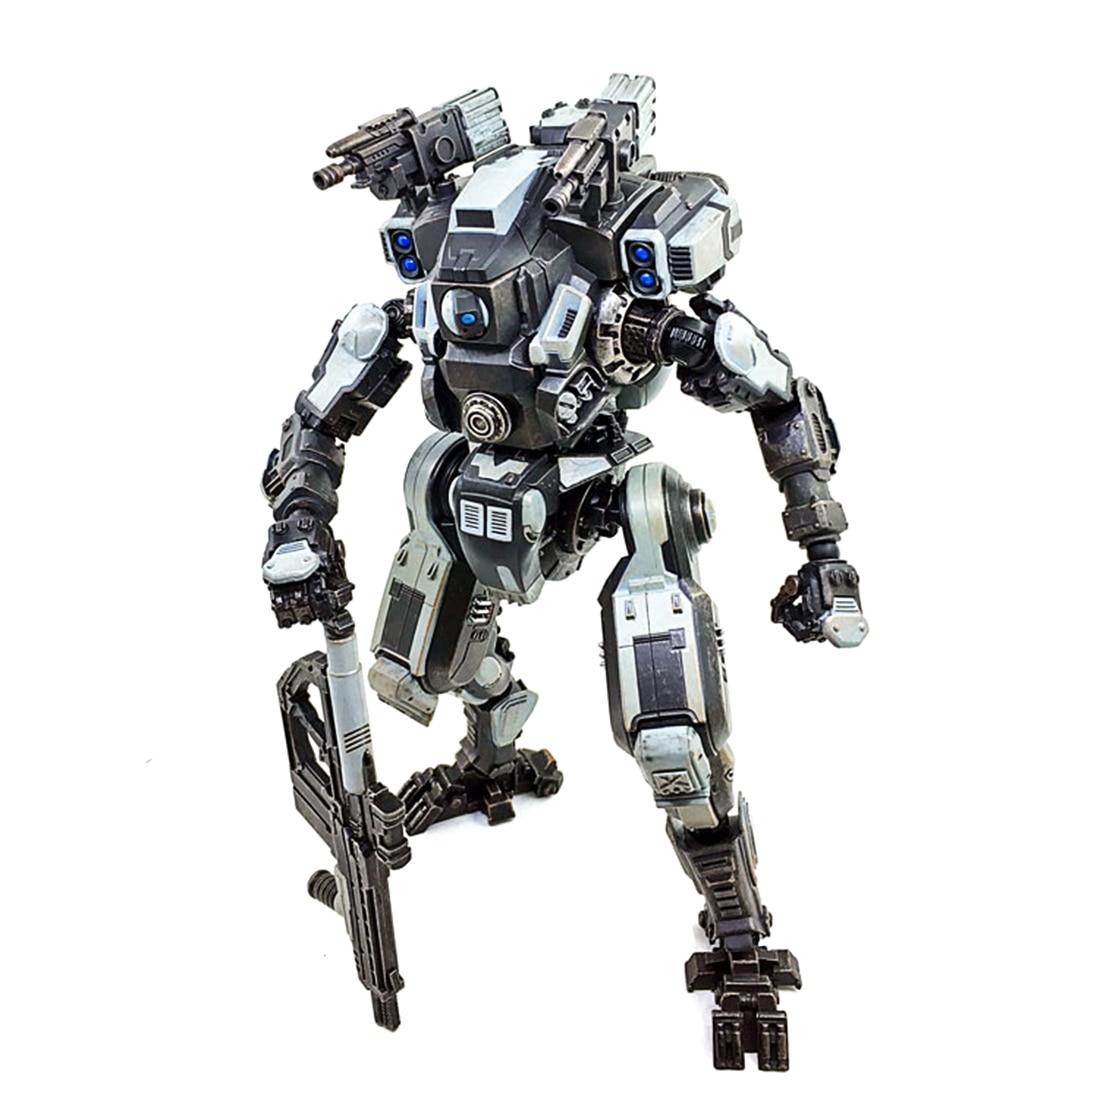 Mecha modèle nouvelles attaque bricolage 3D assemblage amovible soldat modèle avec haut degré de réduction (27cm Mecha + 7.5cm soldat)